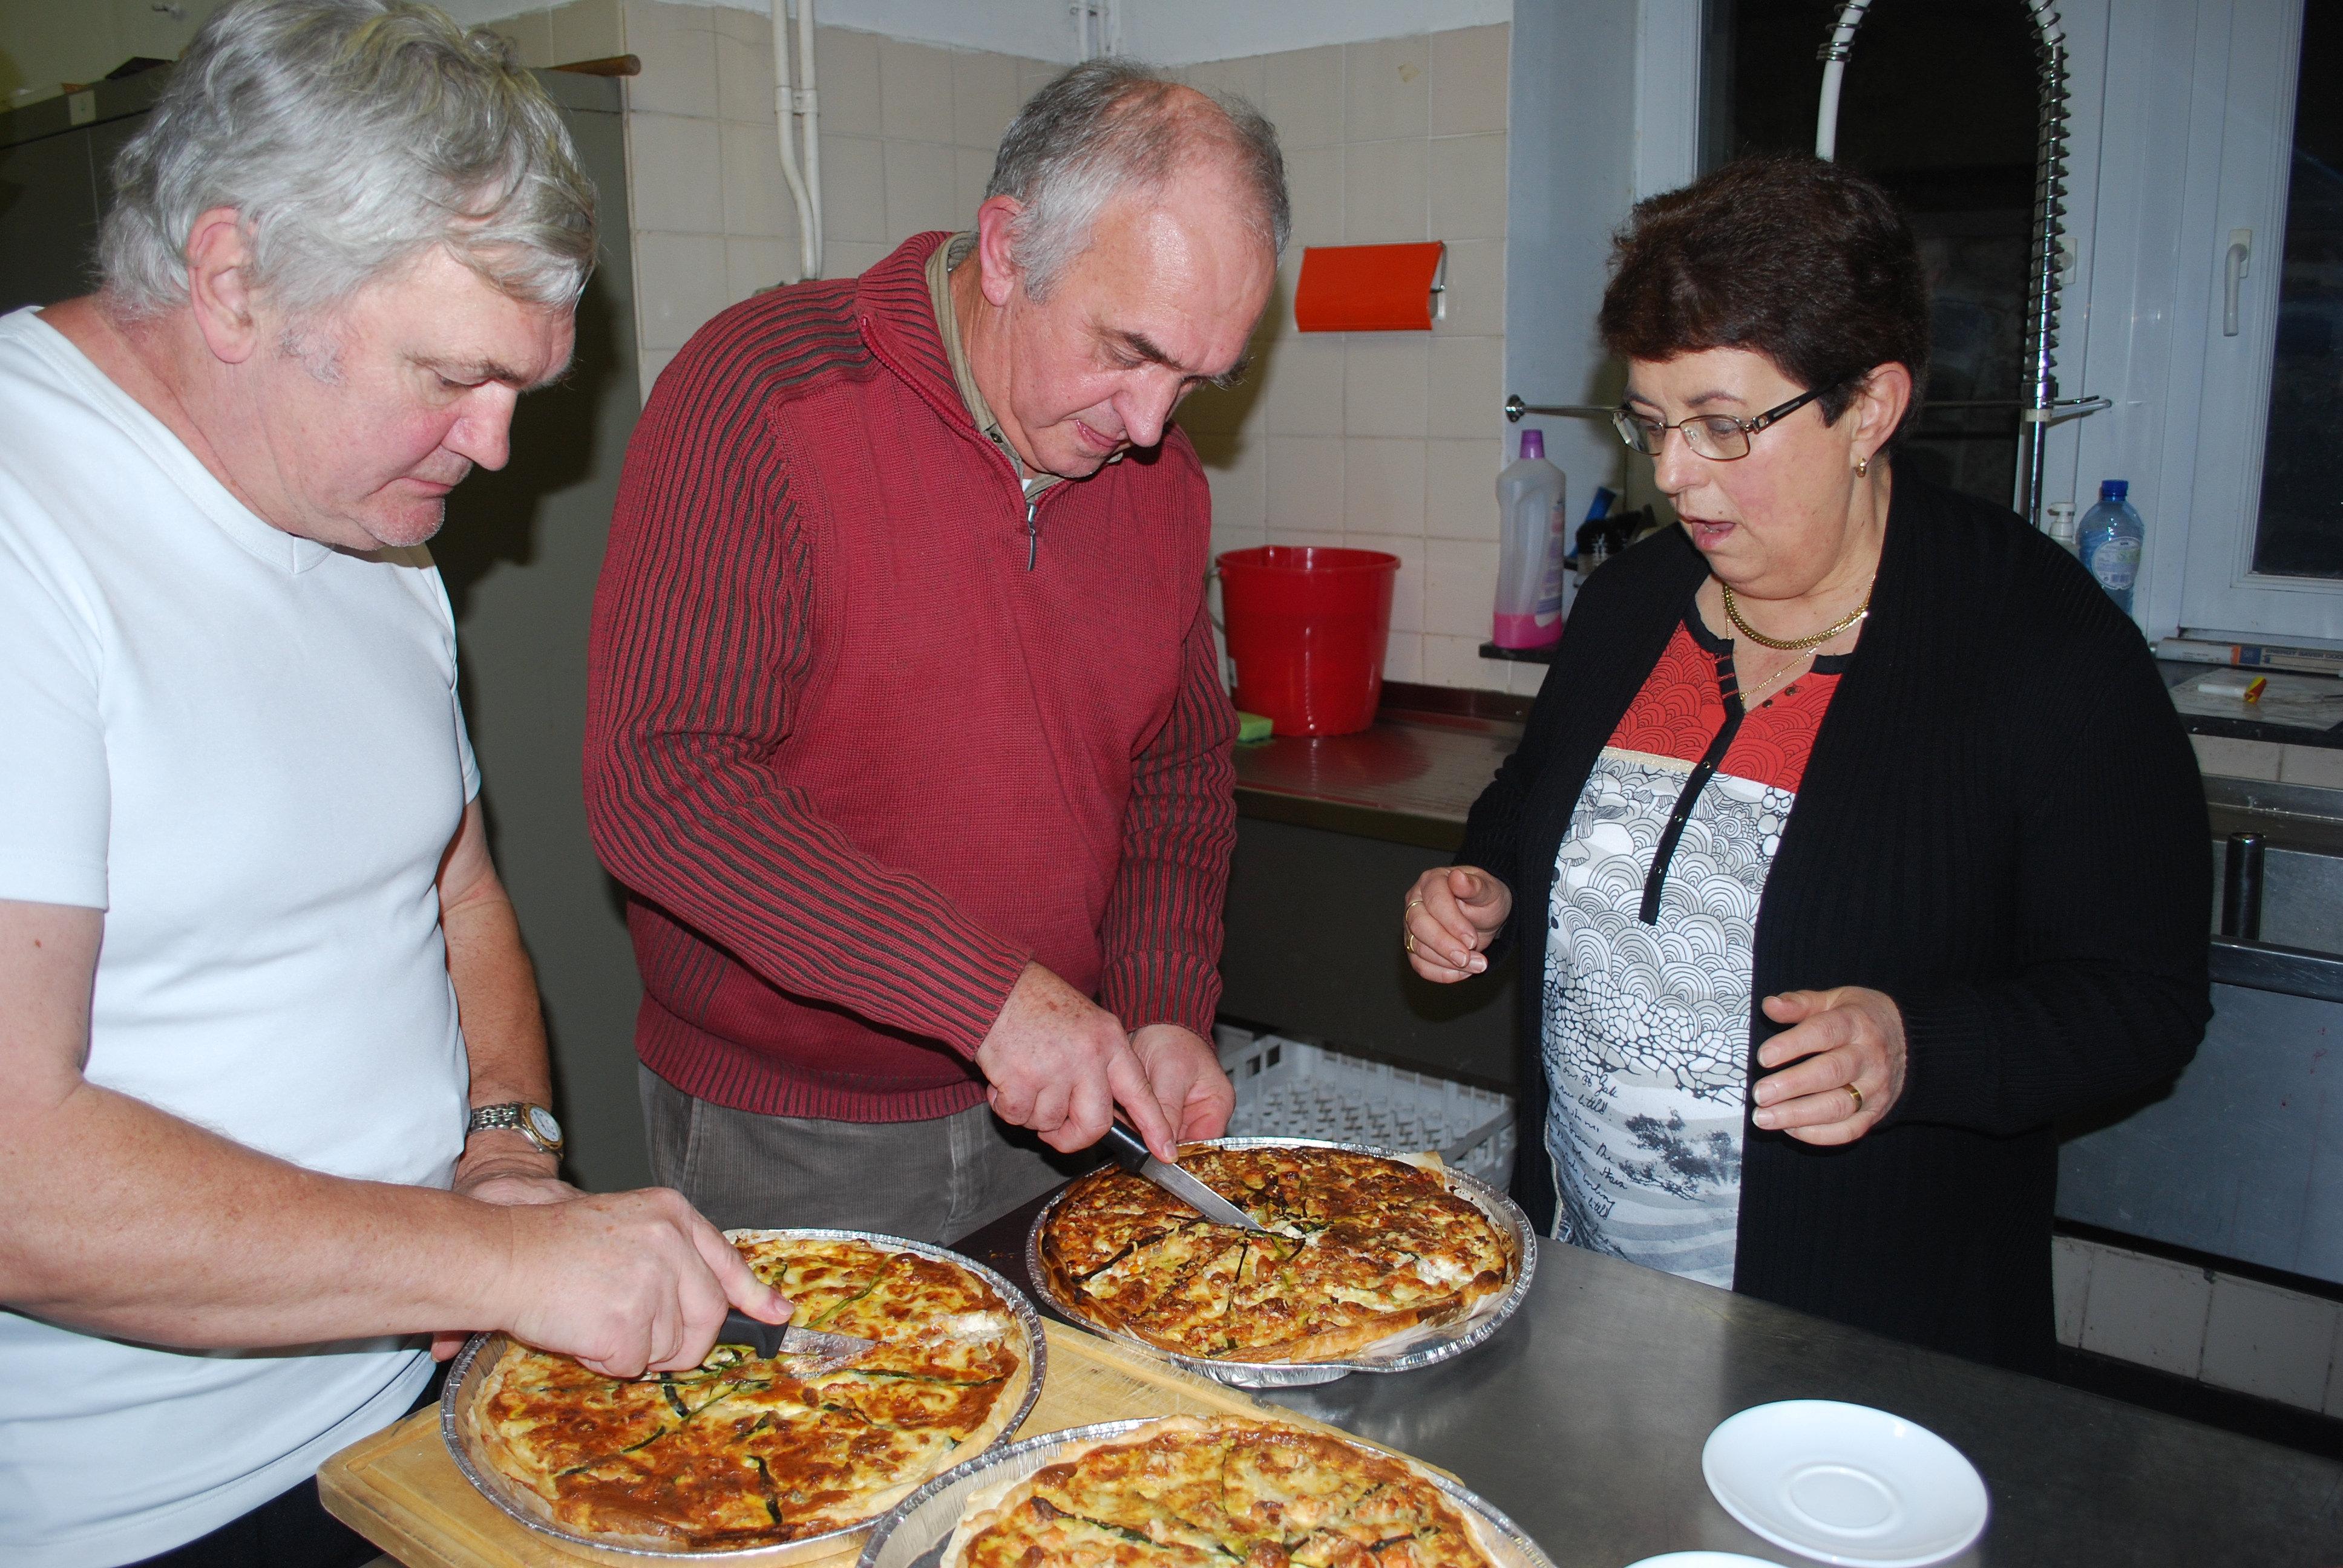 Cercle horticole de carlsbourg dsc 2752 jpg - Cours de cuisine gratuit paris ...